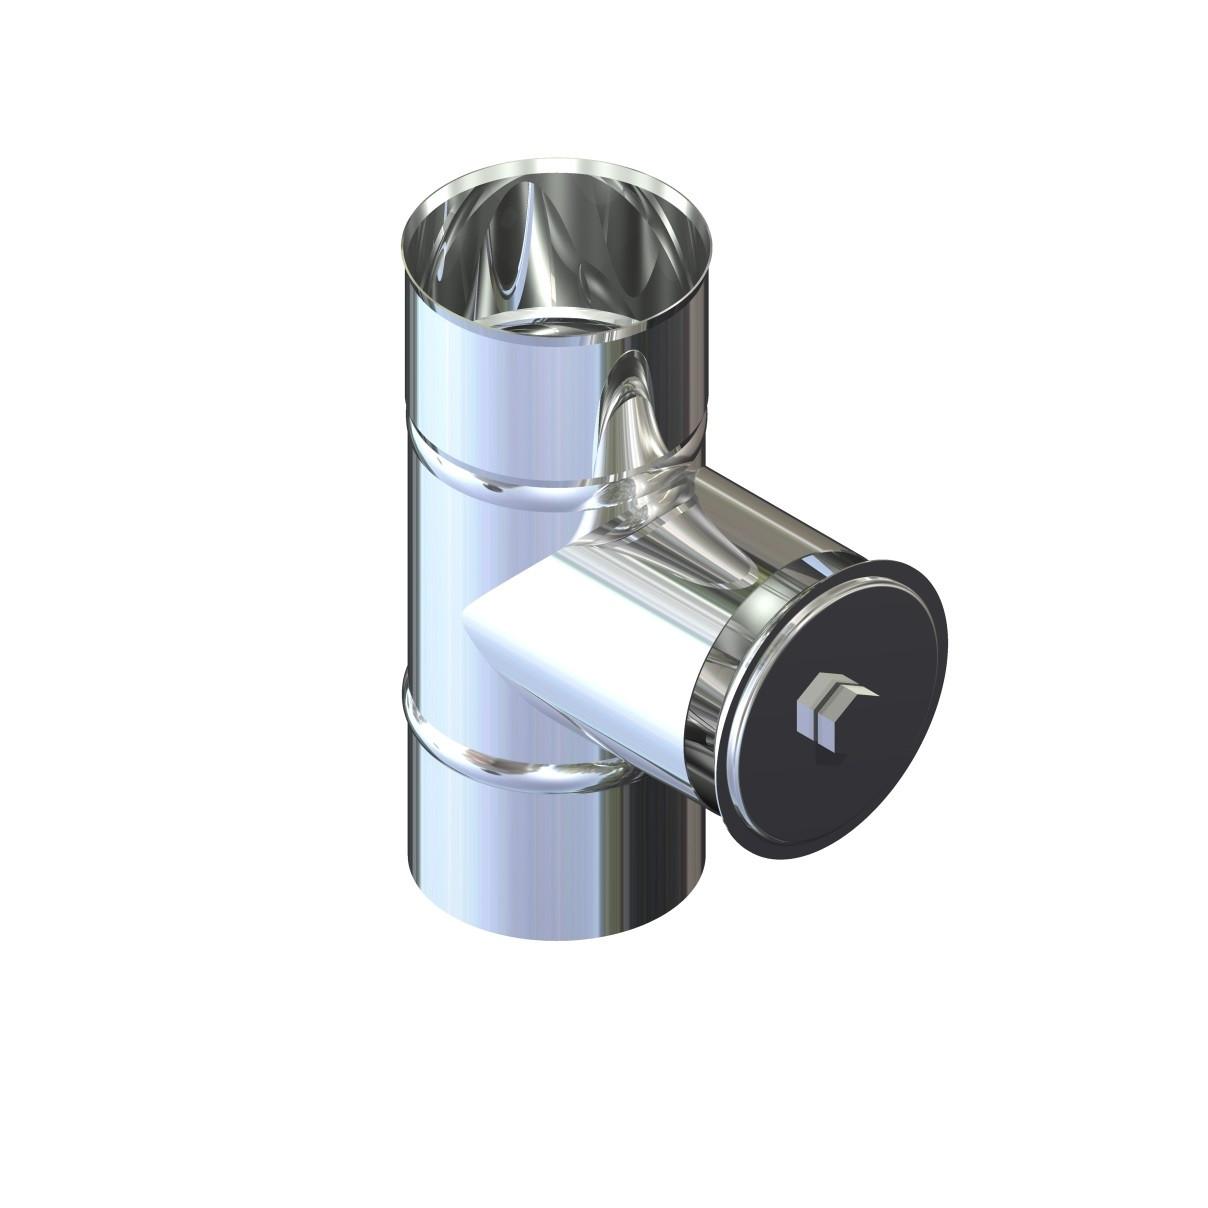 Ревизия дымоходная нержавейка D-180 мм толщина 0,8 мм